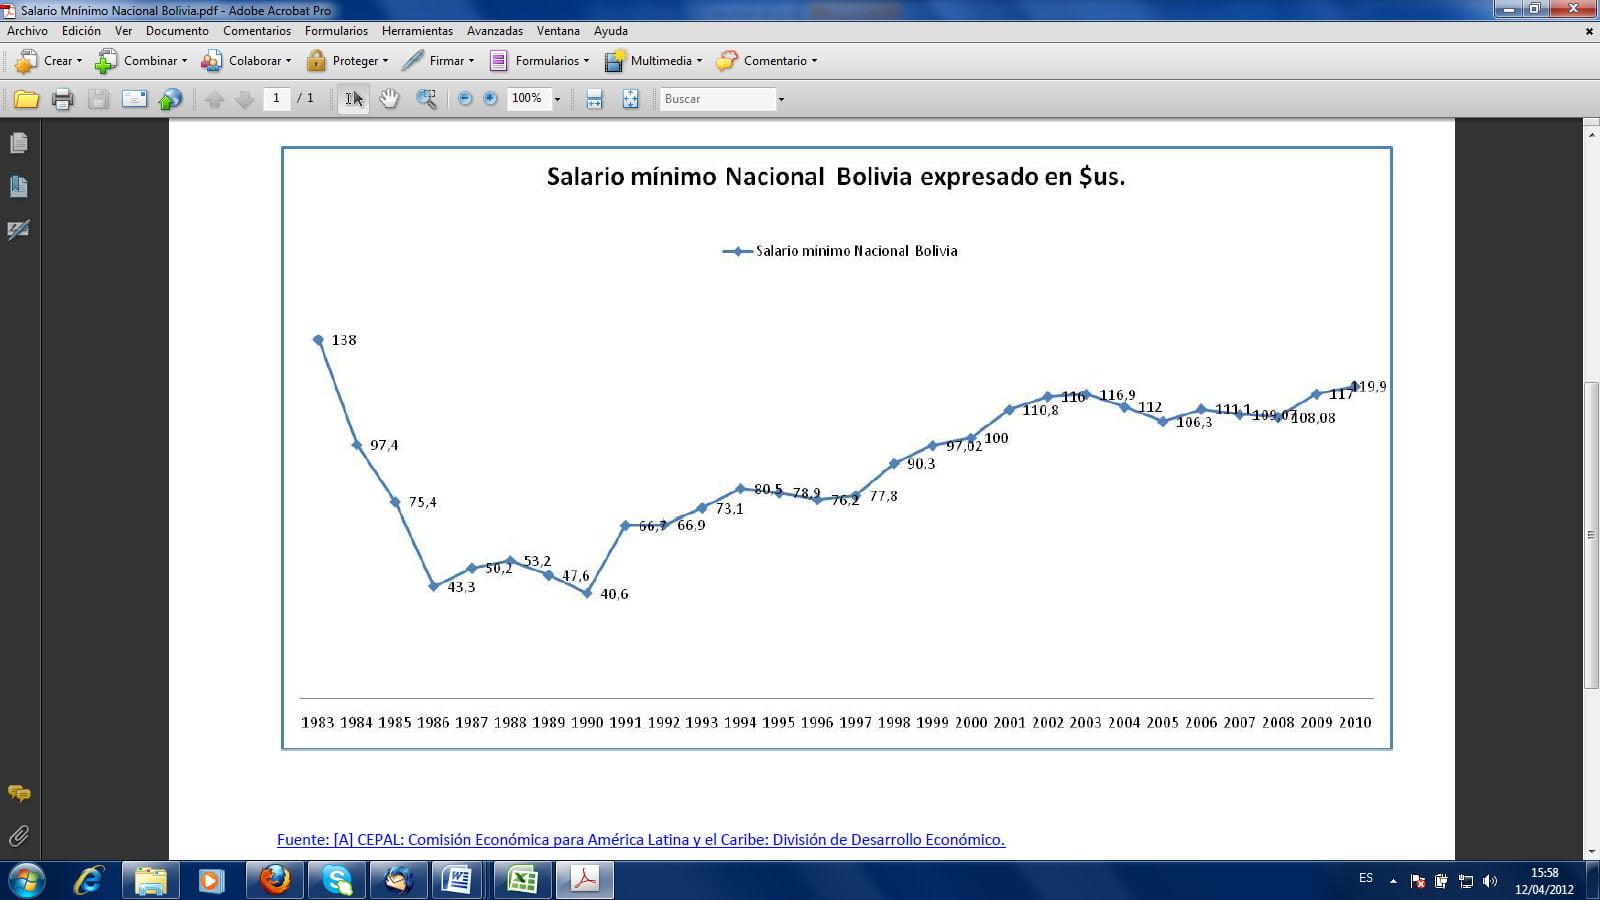 Salario mínimo de Bolivia 1983-2010